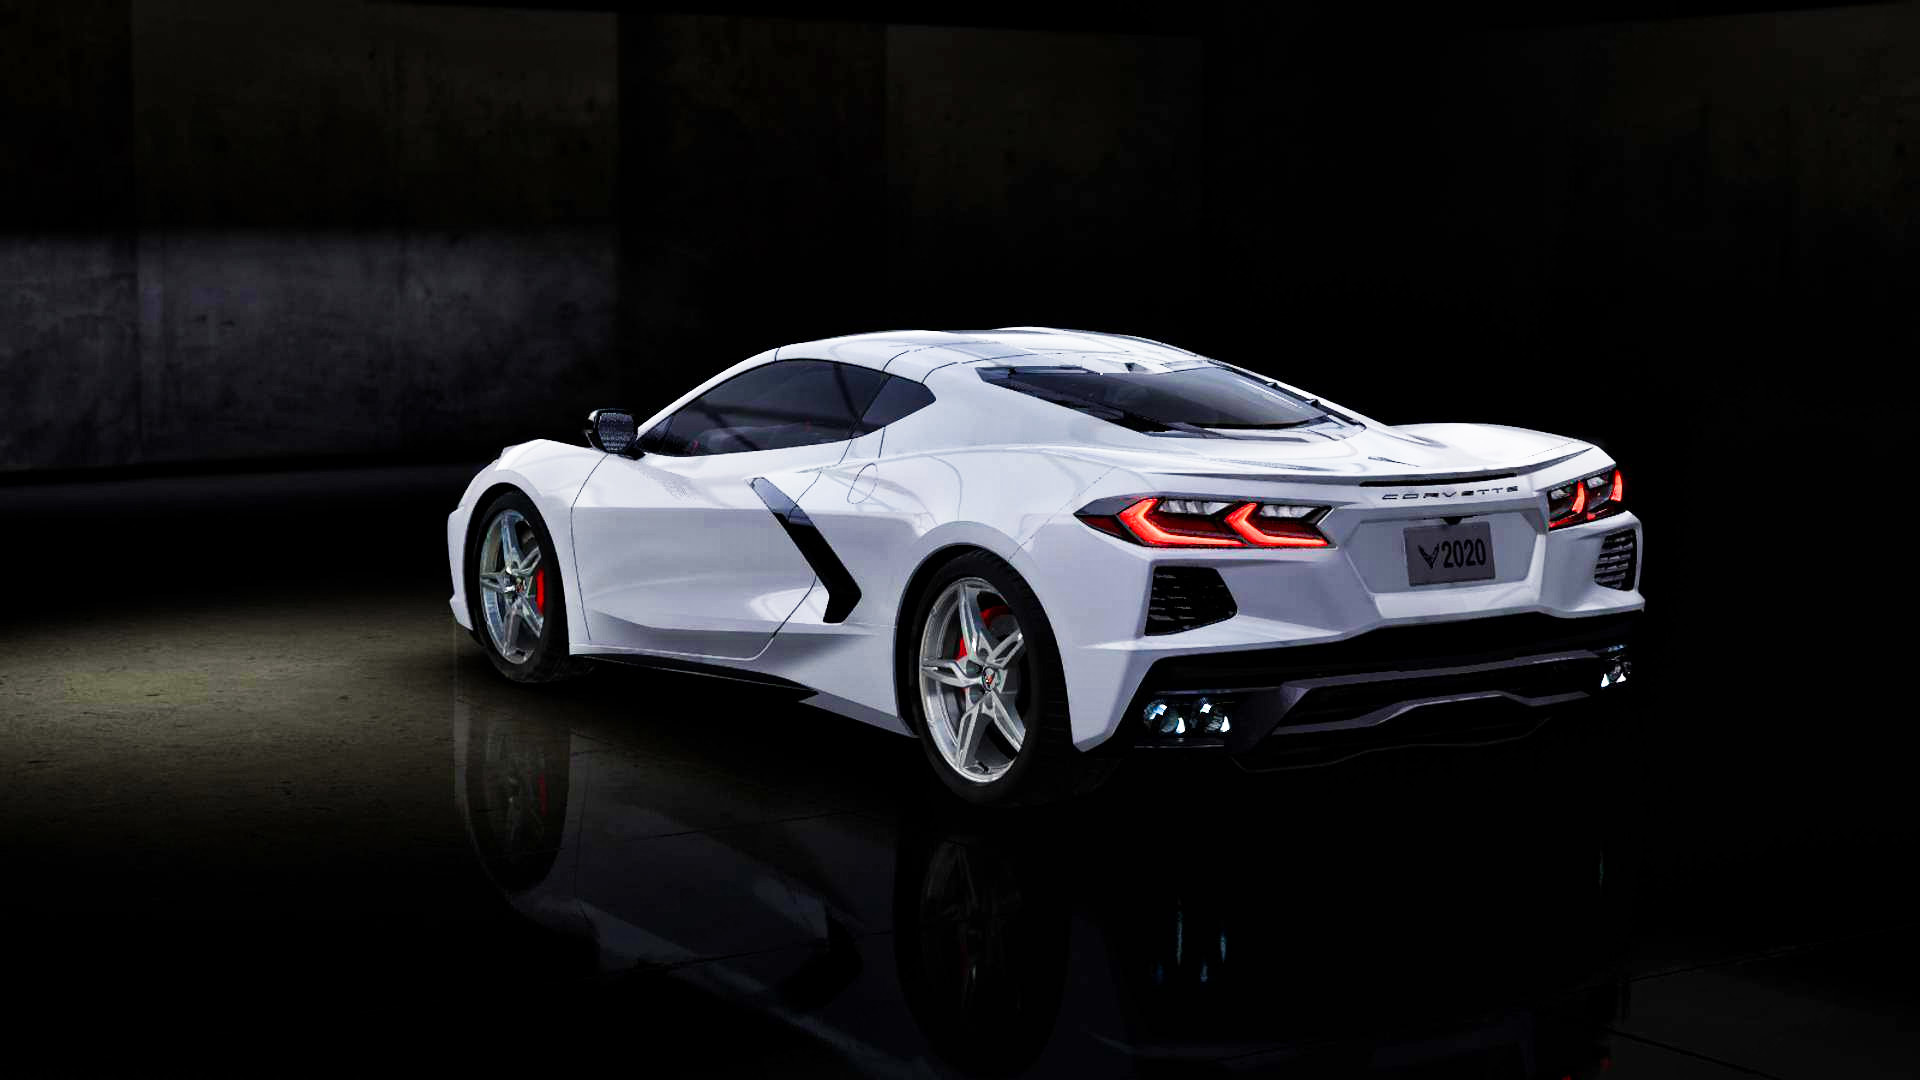 White Corvette Stingray >> C8 Exterior Color: Arctic White - MidEngineCorvetteForum.com